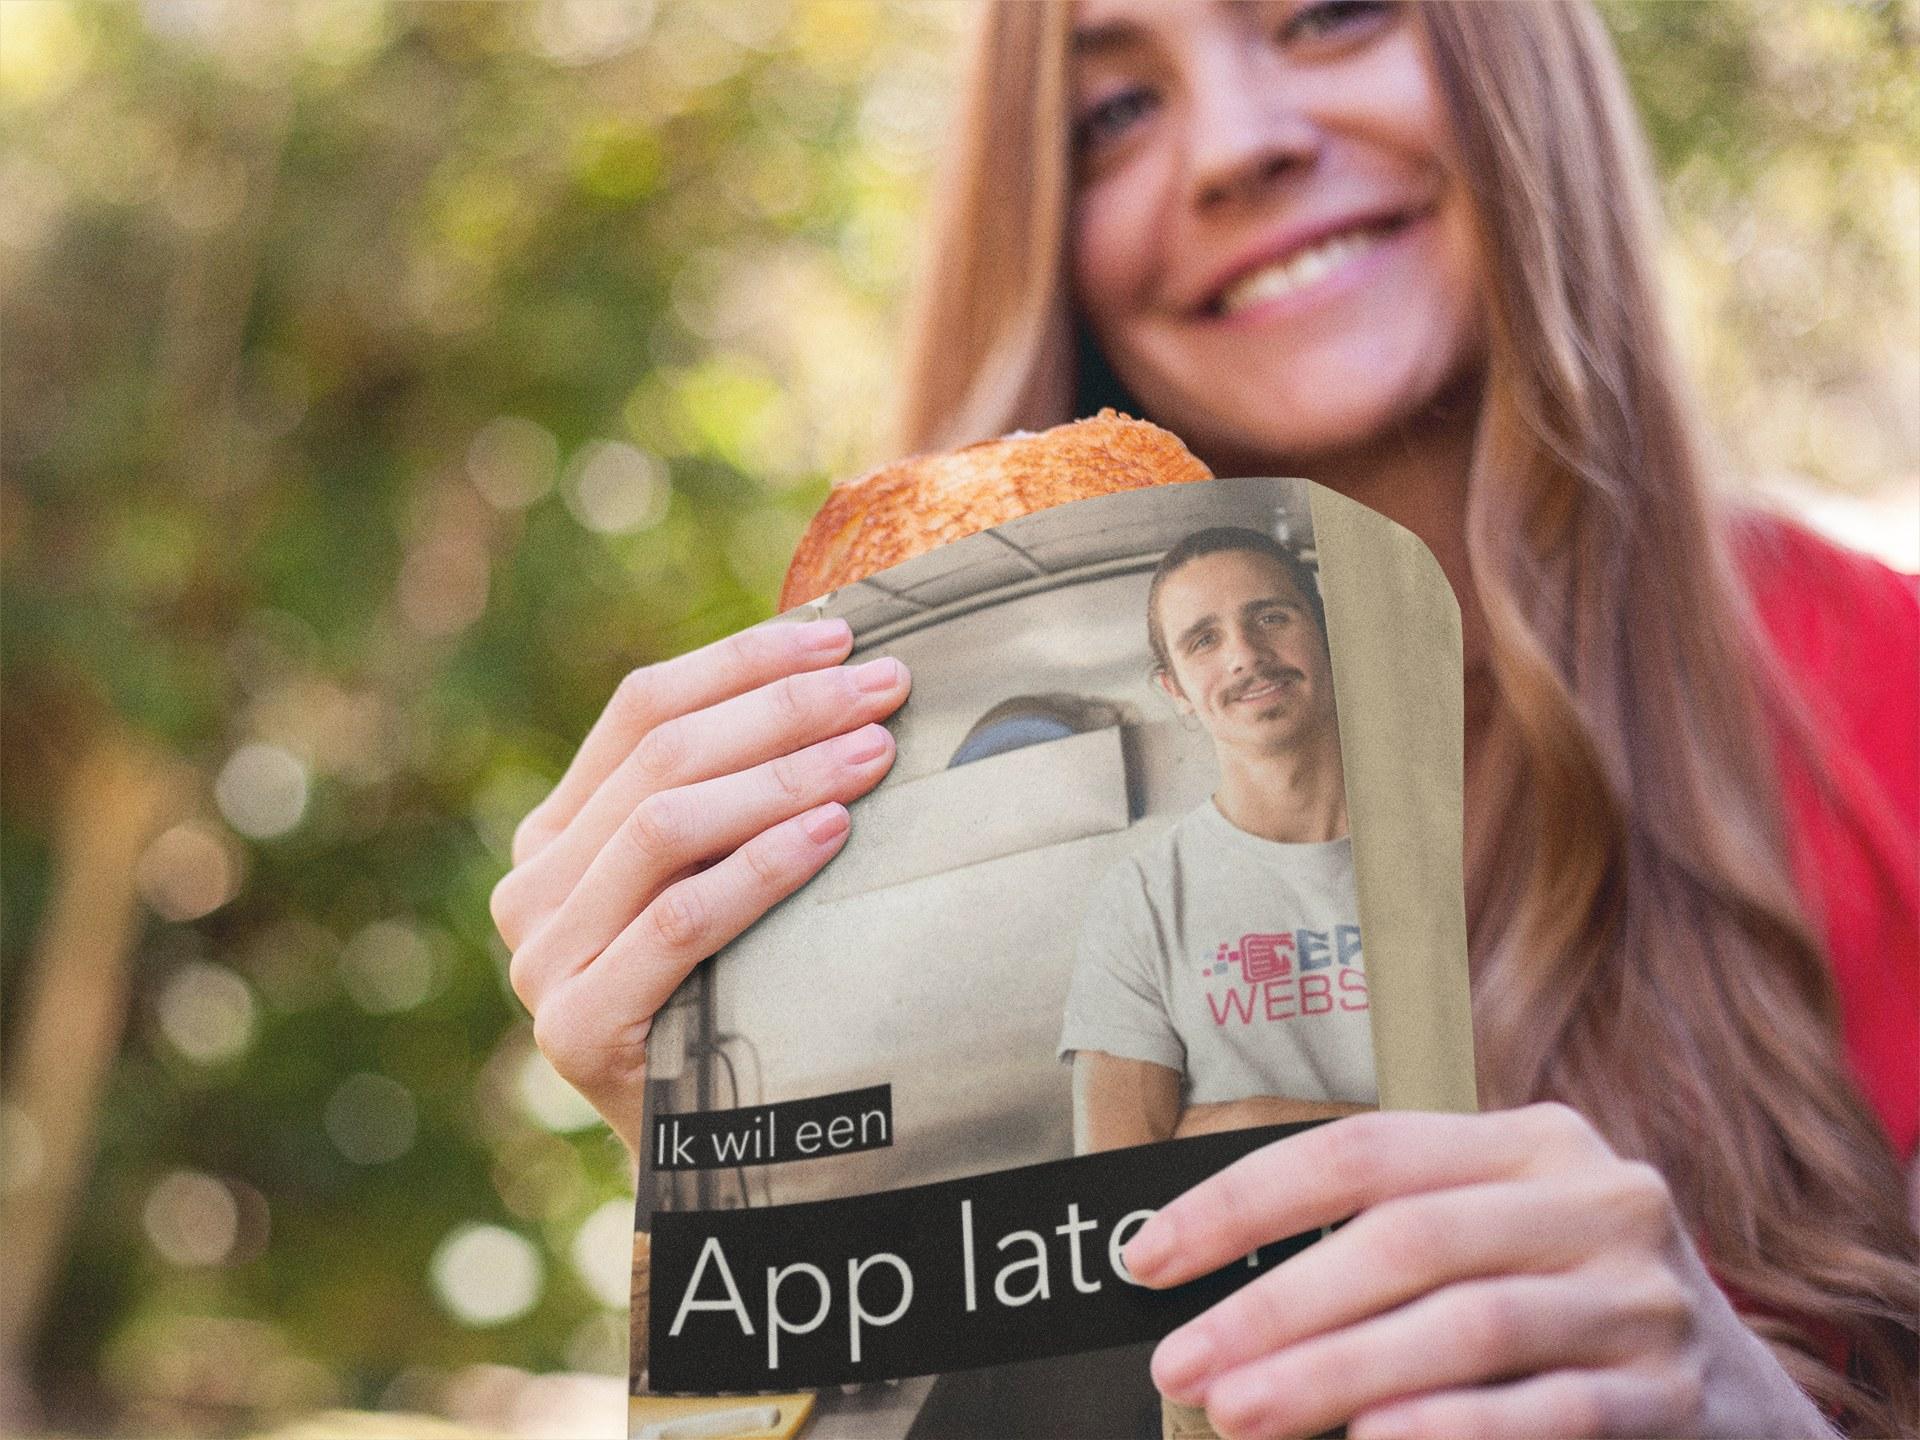 Wij maken Apps en websites voor bezorg- en afhaal restaurants